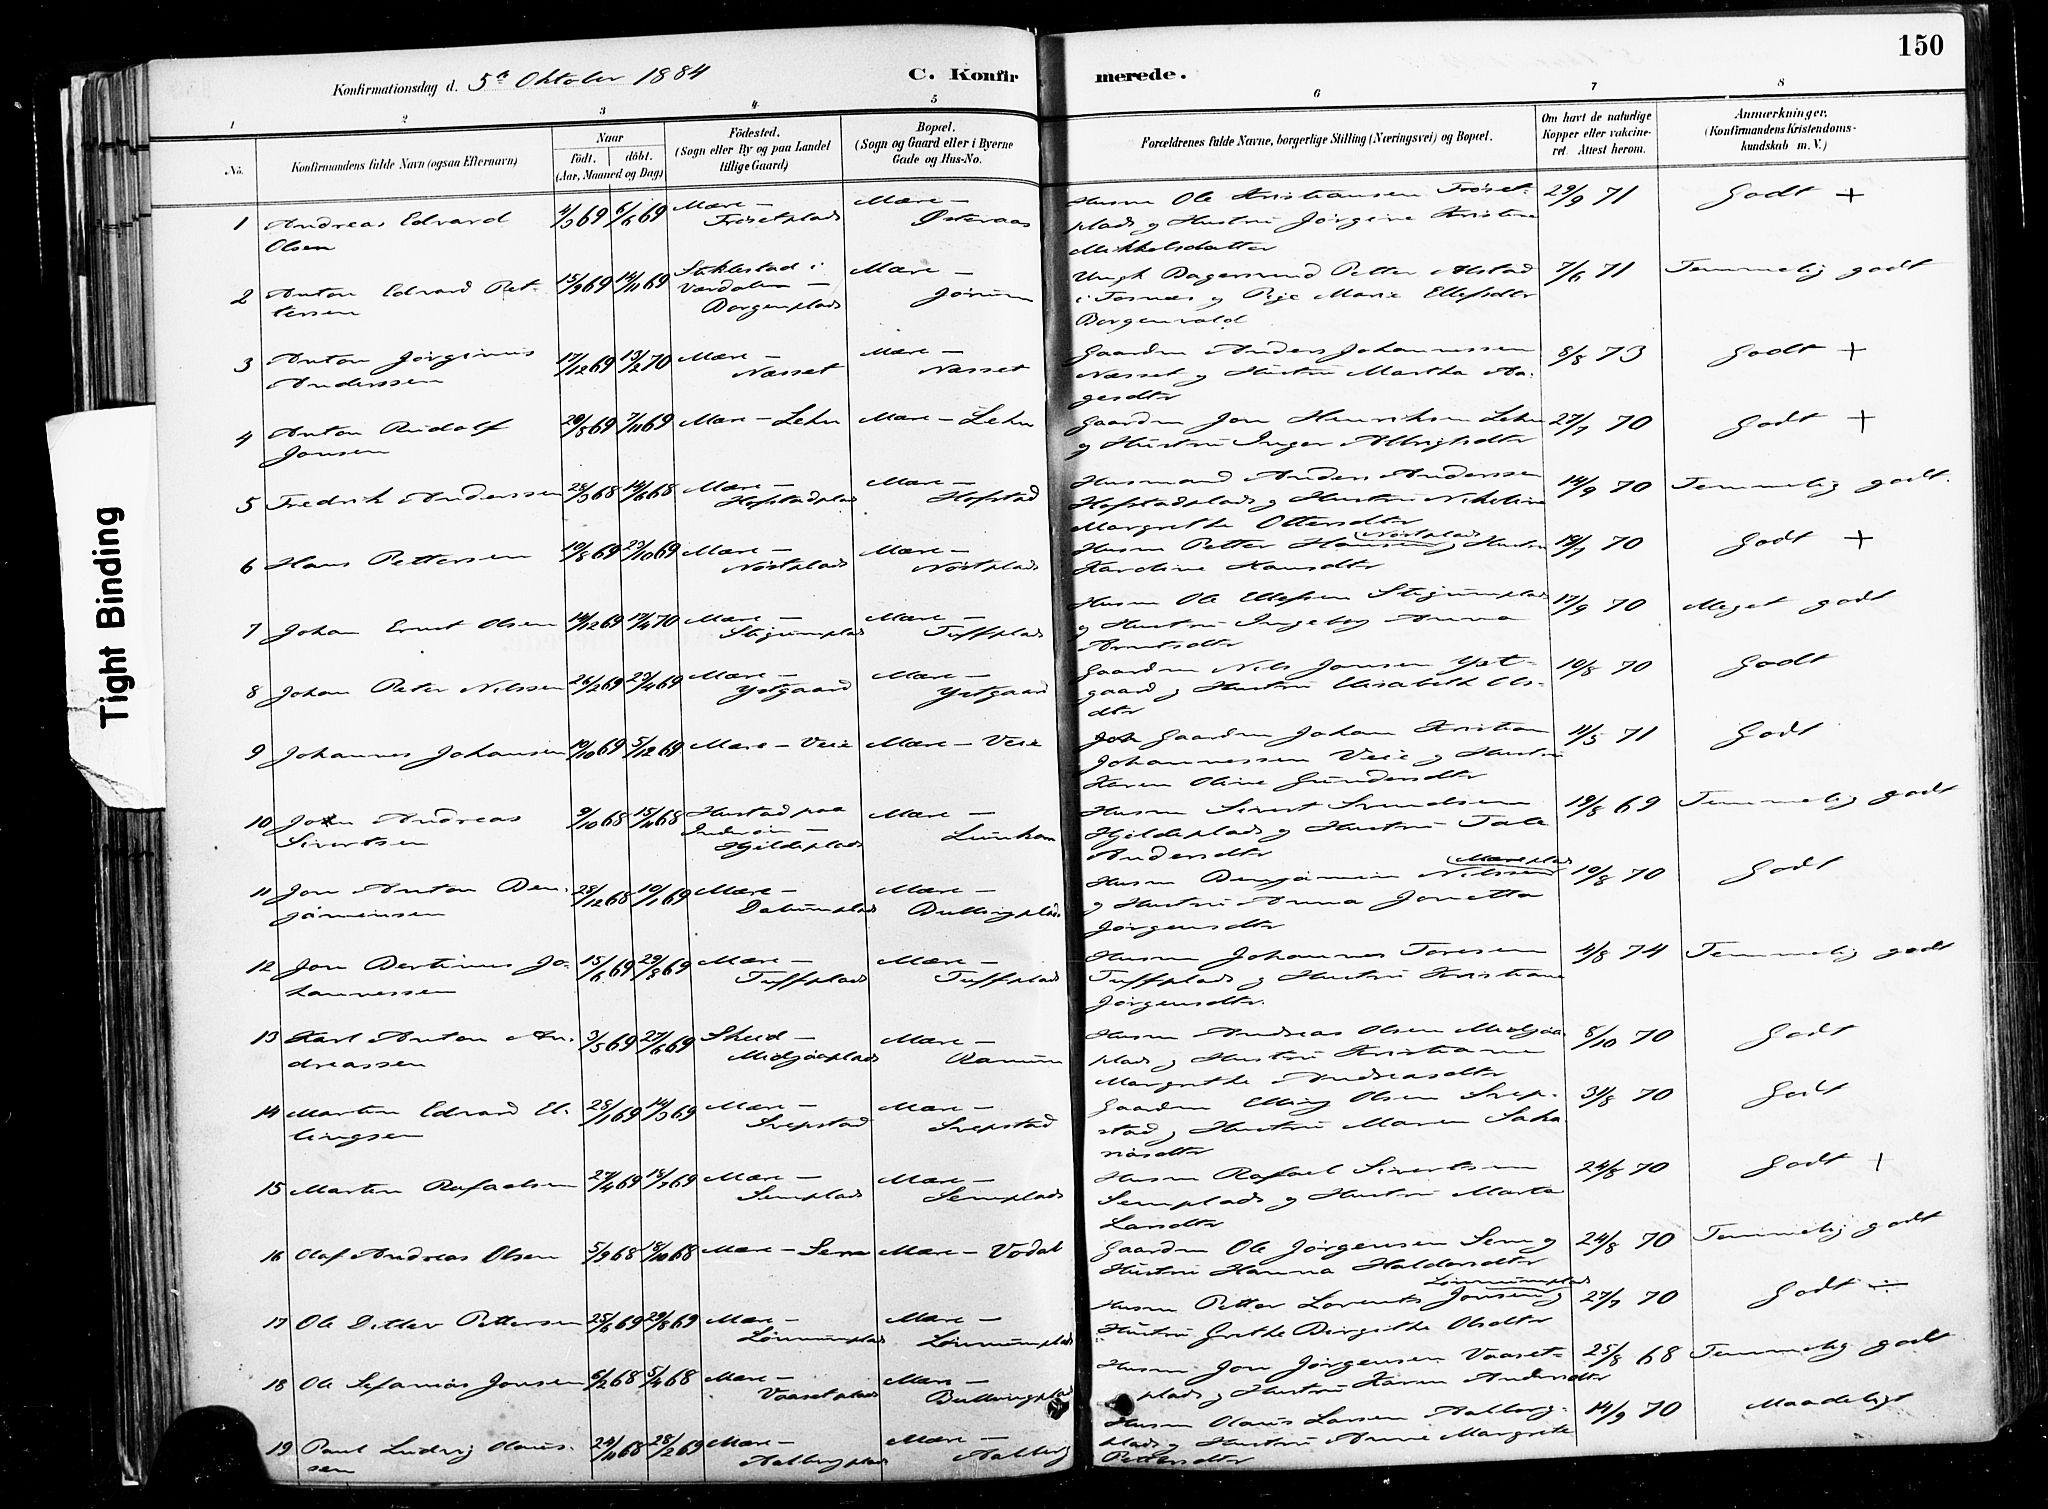 SAT, Ministerialprotokoller, klokkerbøker og fødselsregistre - Nord-Trøndelag, 735/L0351: Ministerialbok nr. 735A10, 1884-1908, s. 150